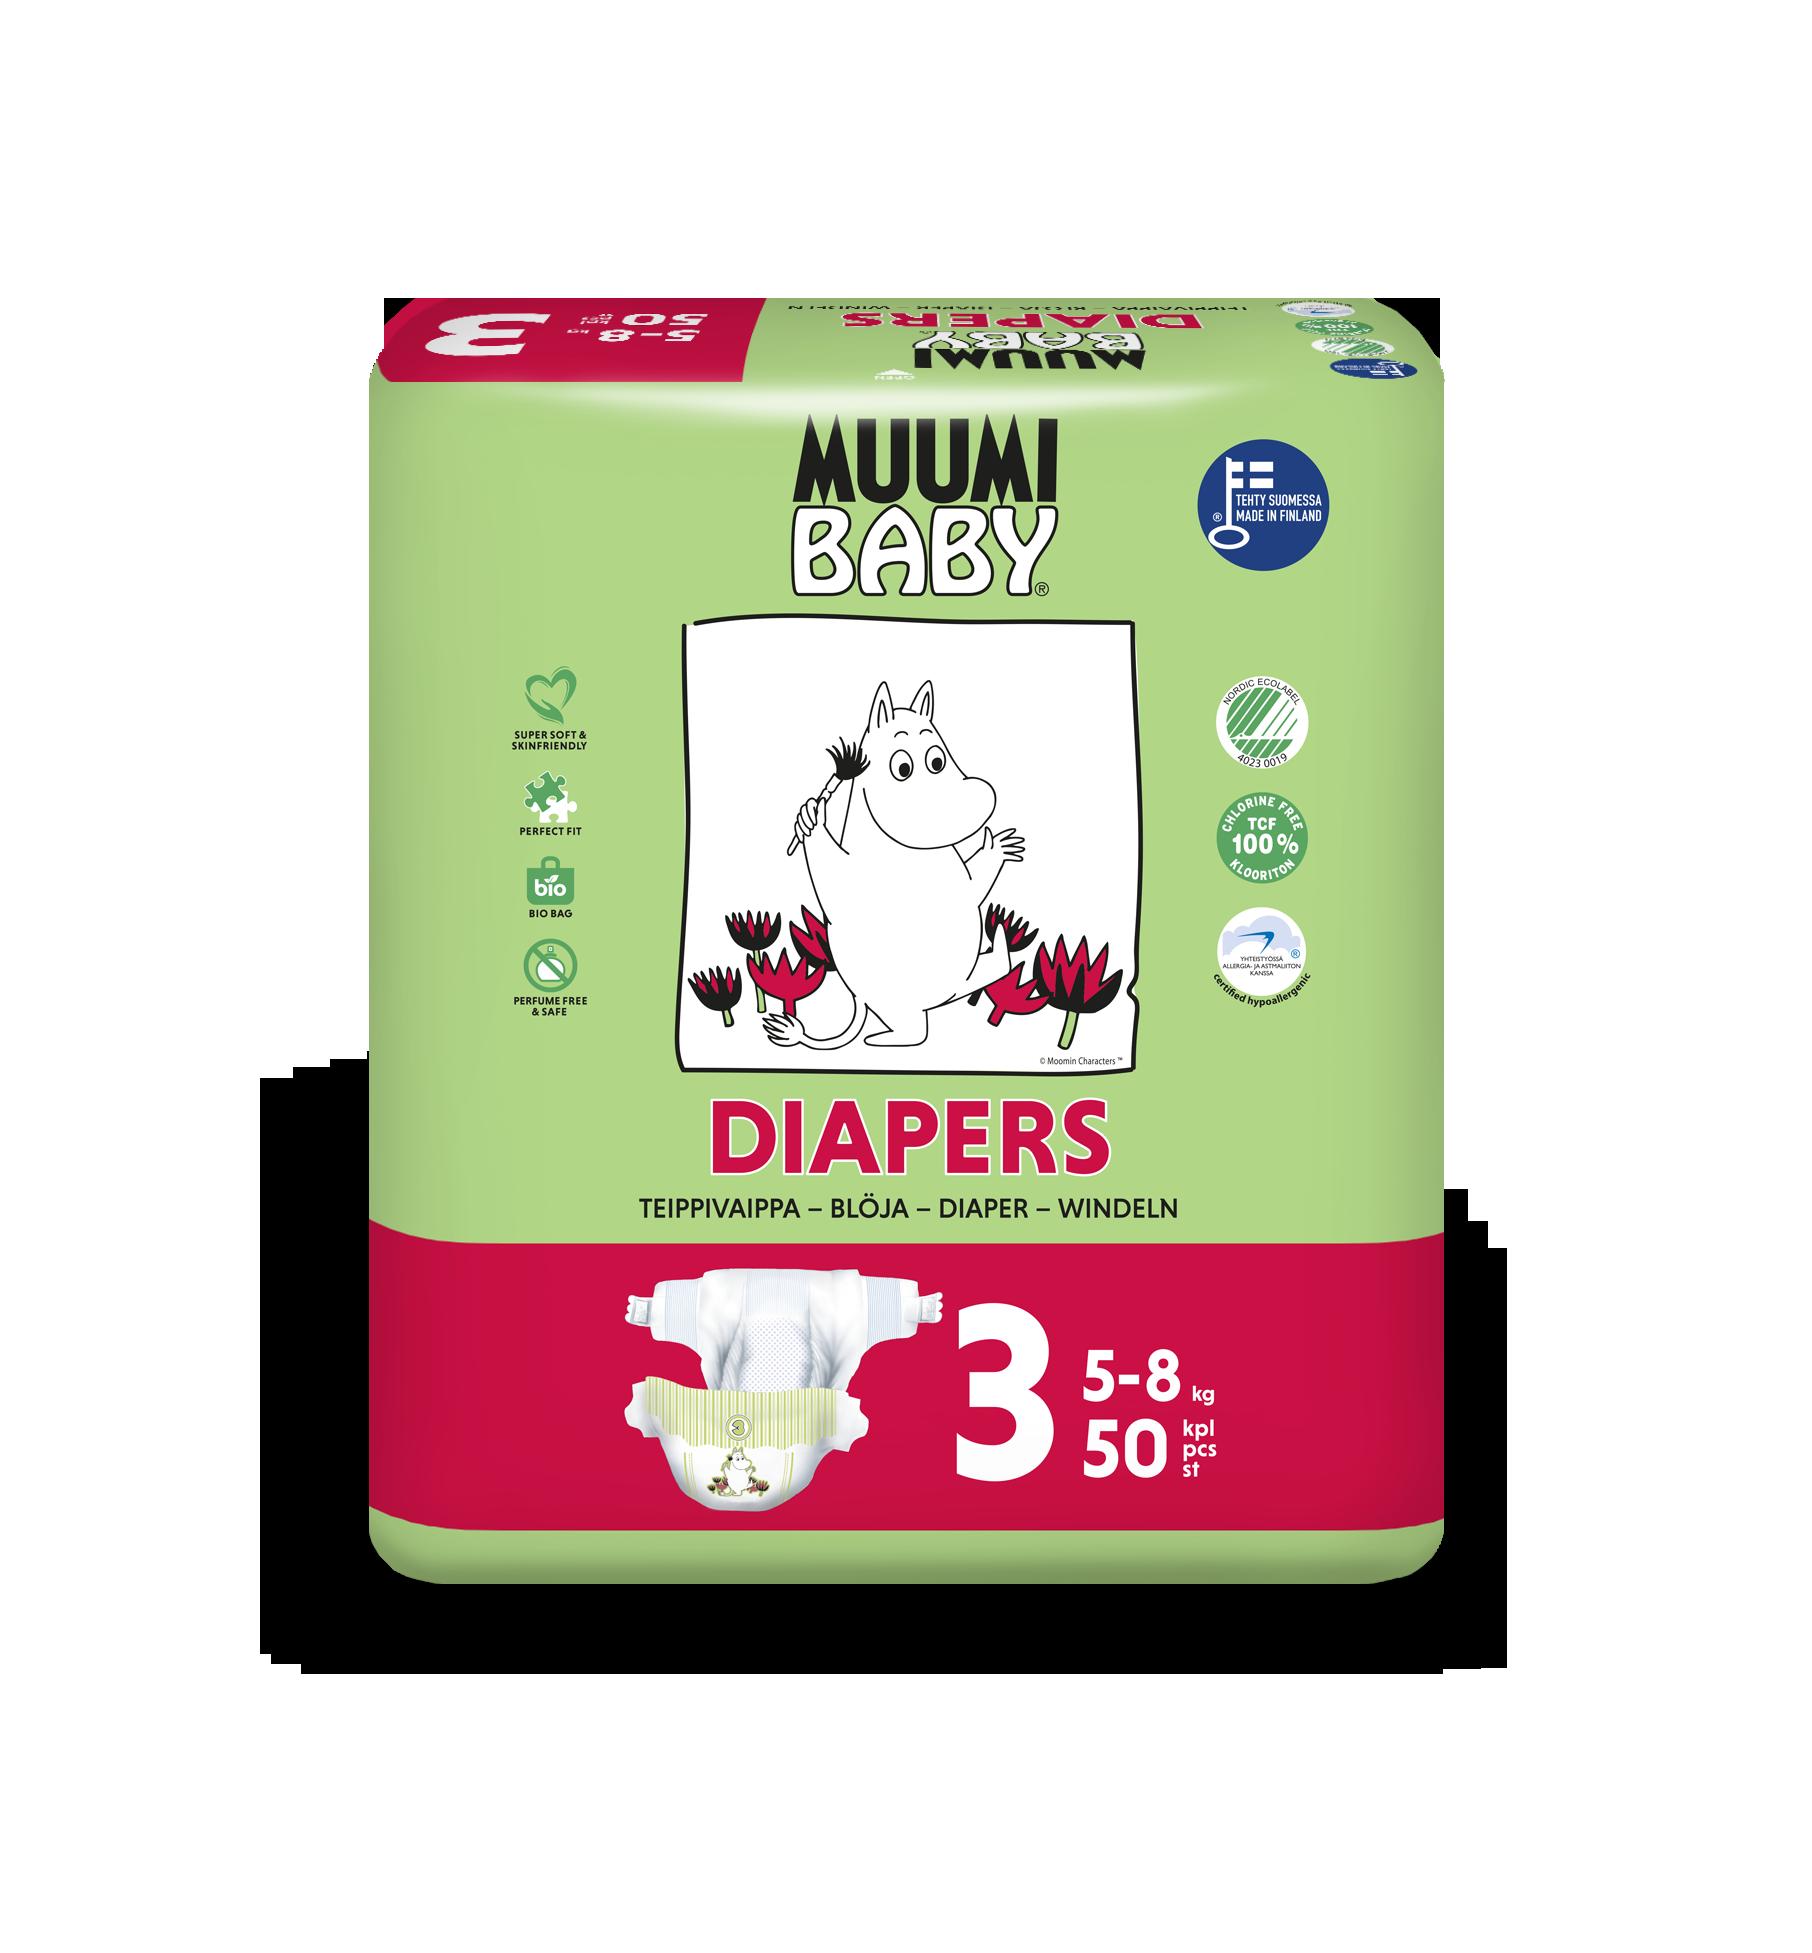 Delipap Muumi Baby Open Diapers, Midi